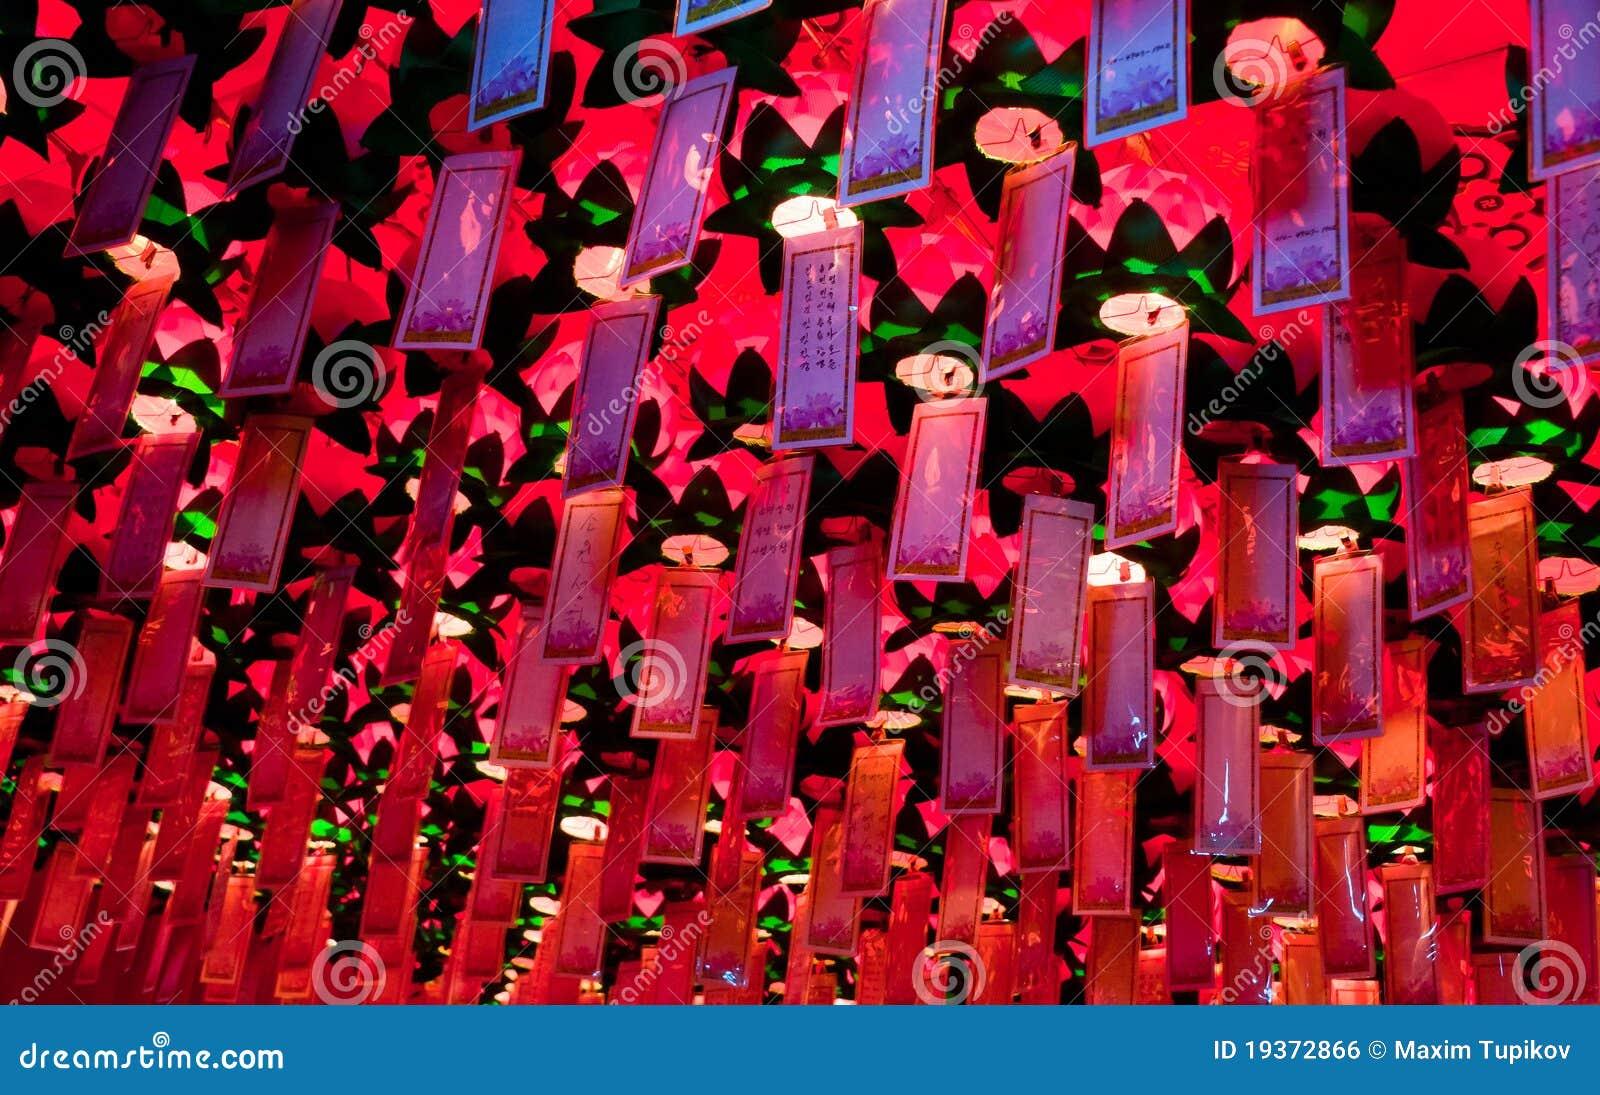 Bandeiras rituais do desejo do templo budista de Yakcheonsa